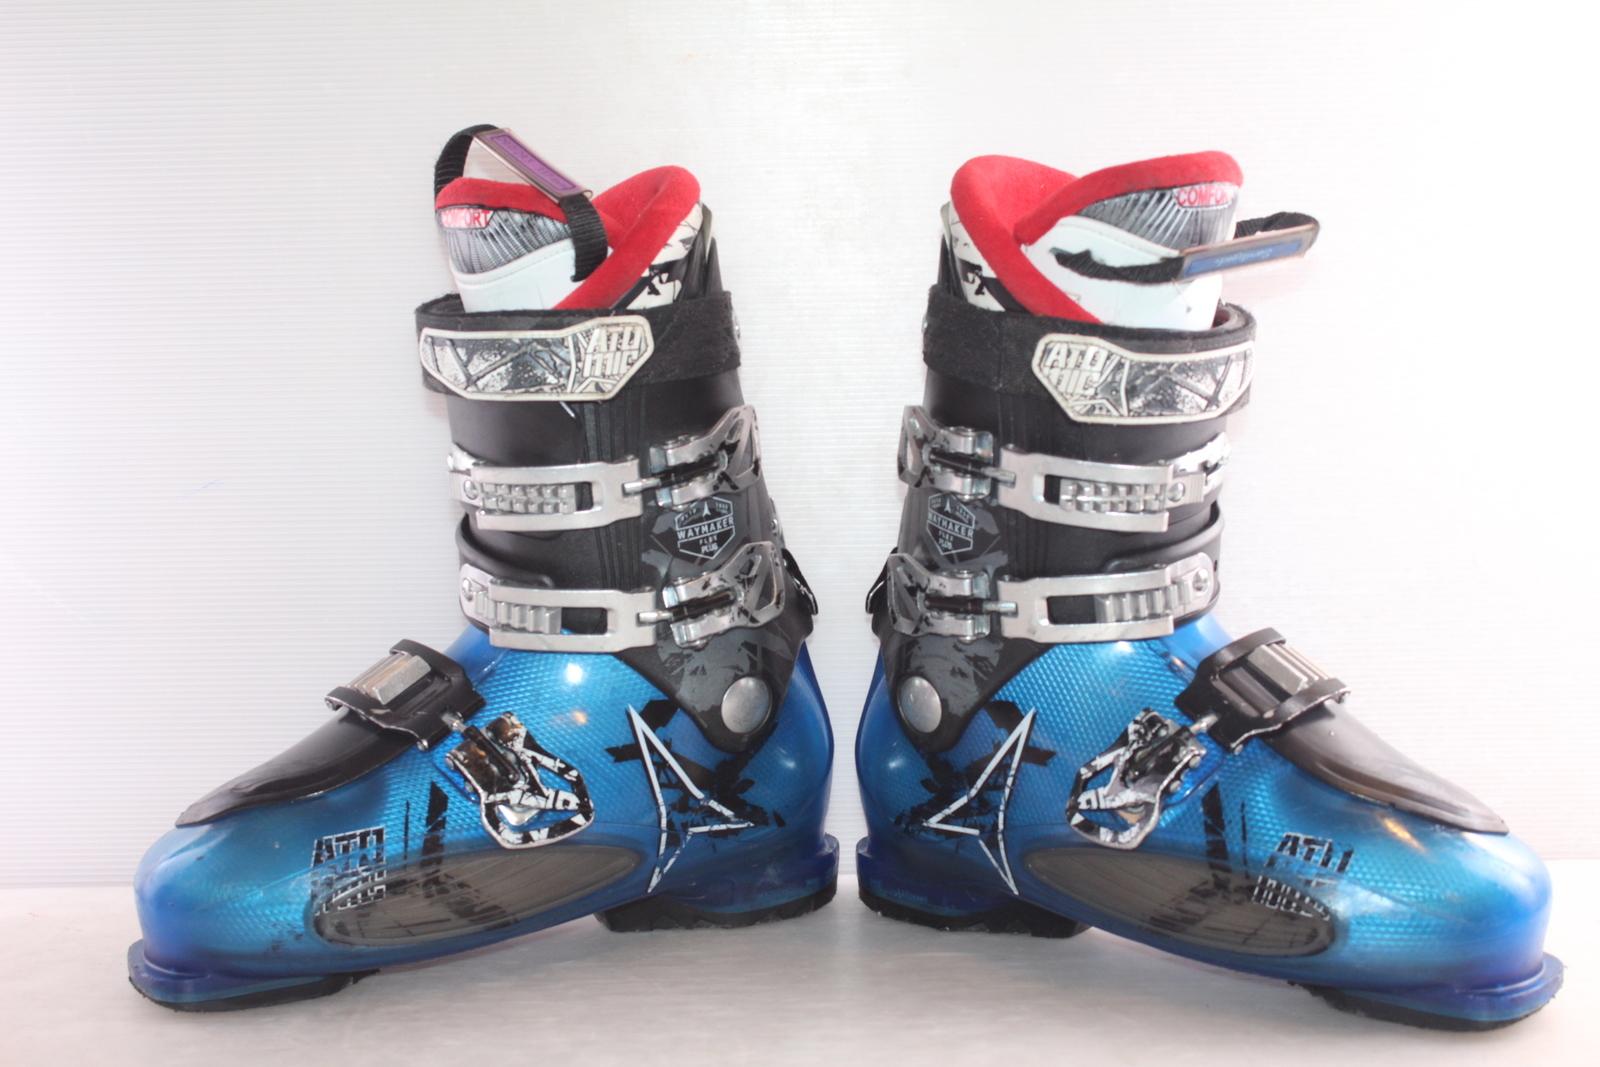 Lyžařské boty Atomic Way Maker Flex plus vel. EU45 flexe 80